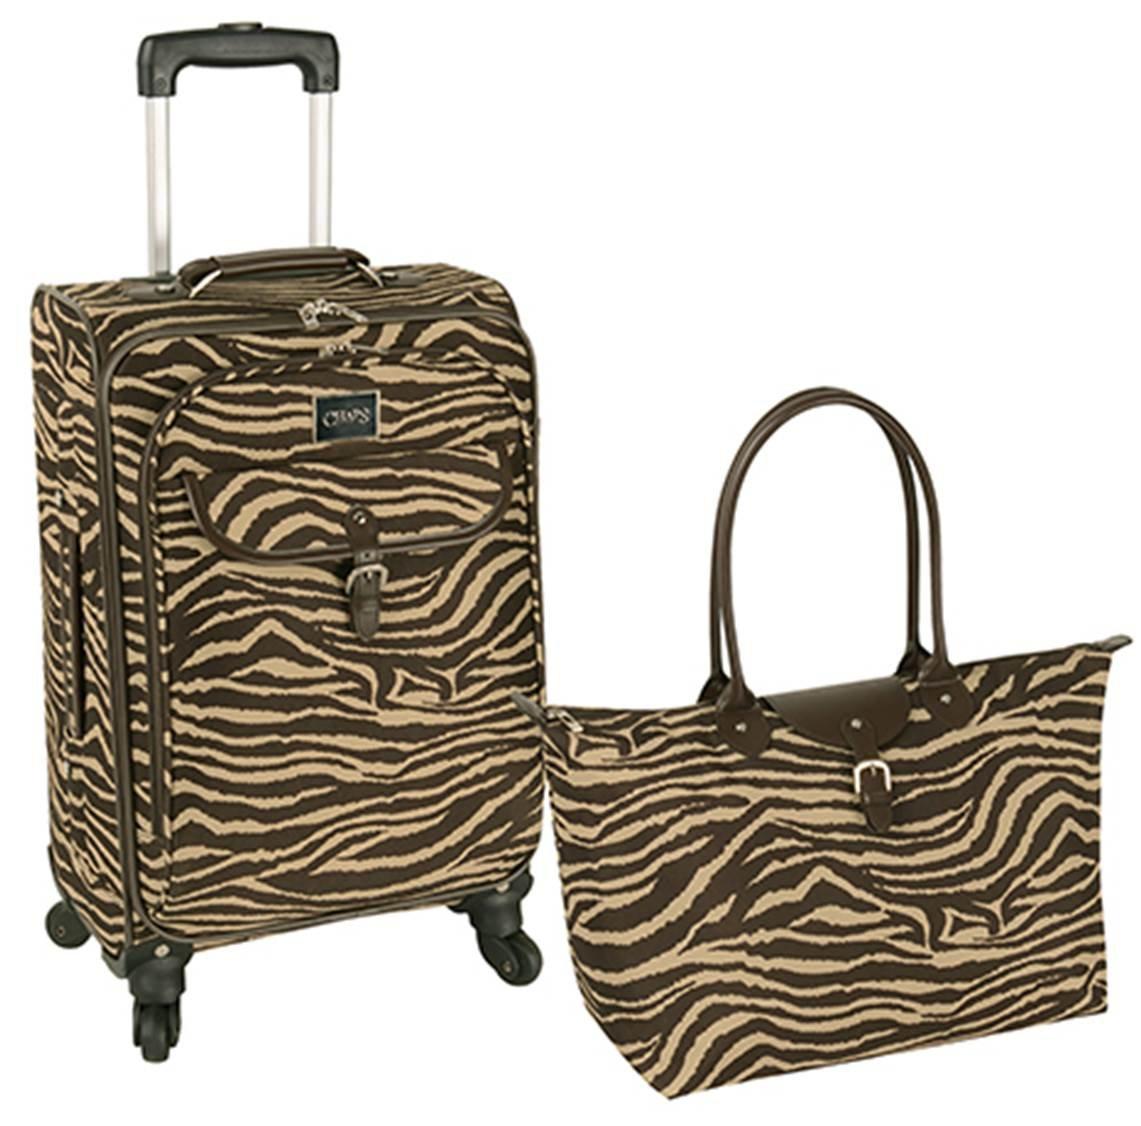 Amazon.com: 2 Pc Chaps Women's Fairhaven Luggage Set, 20